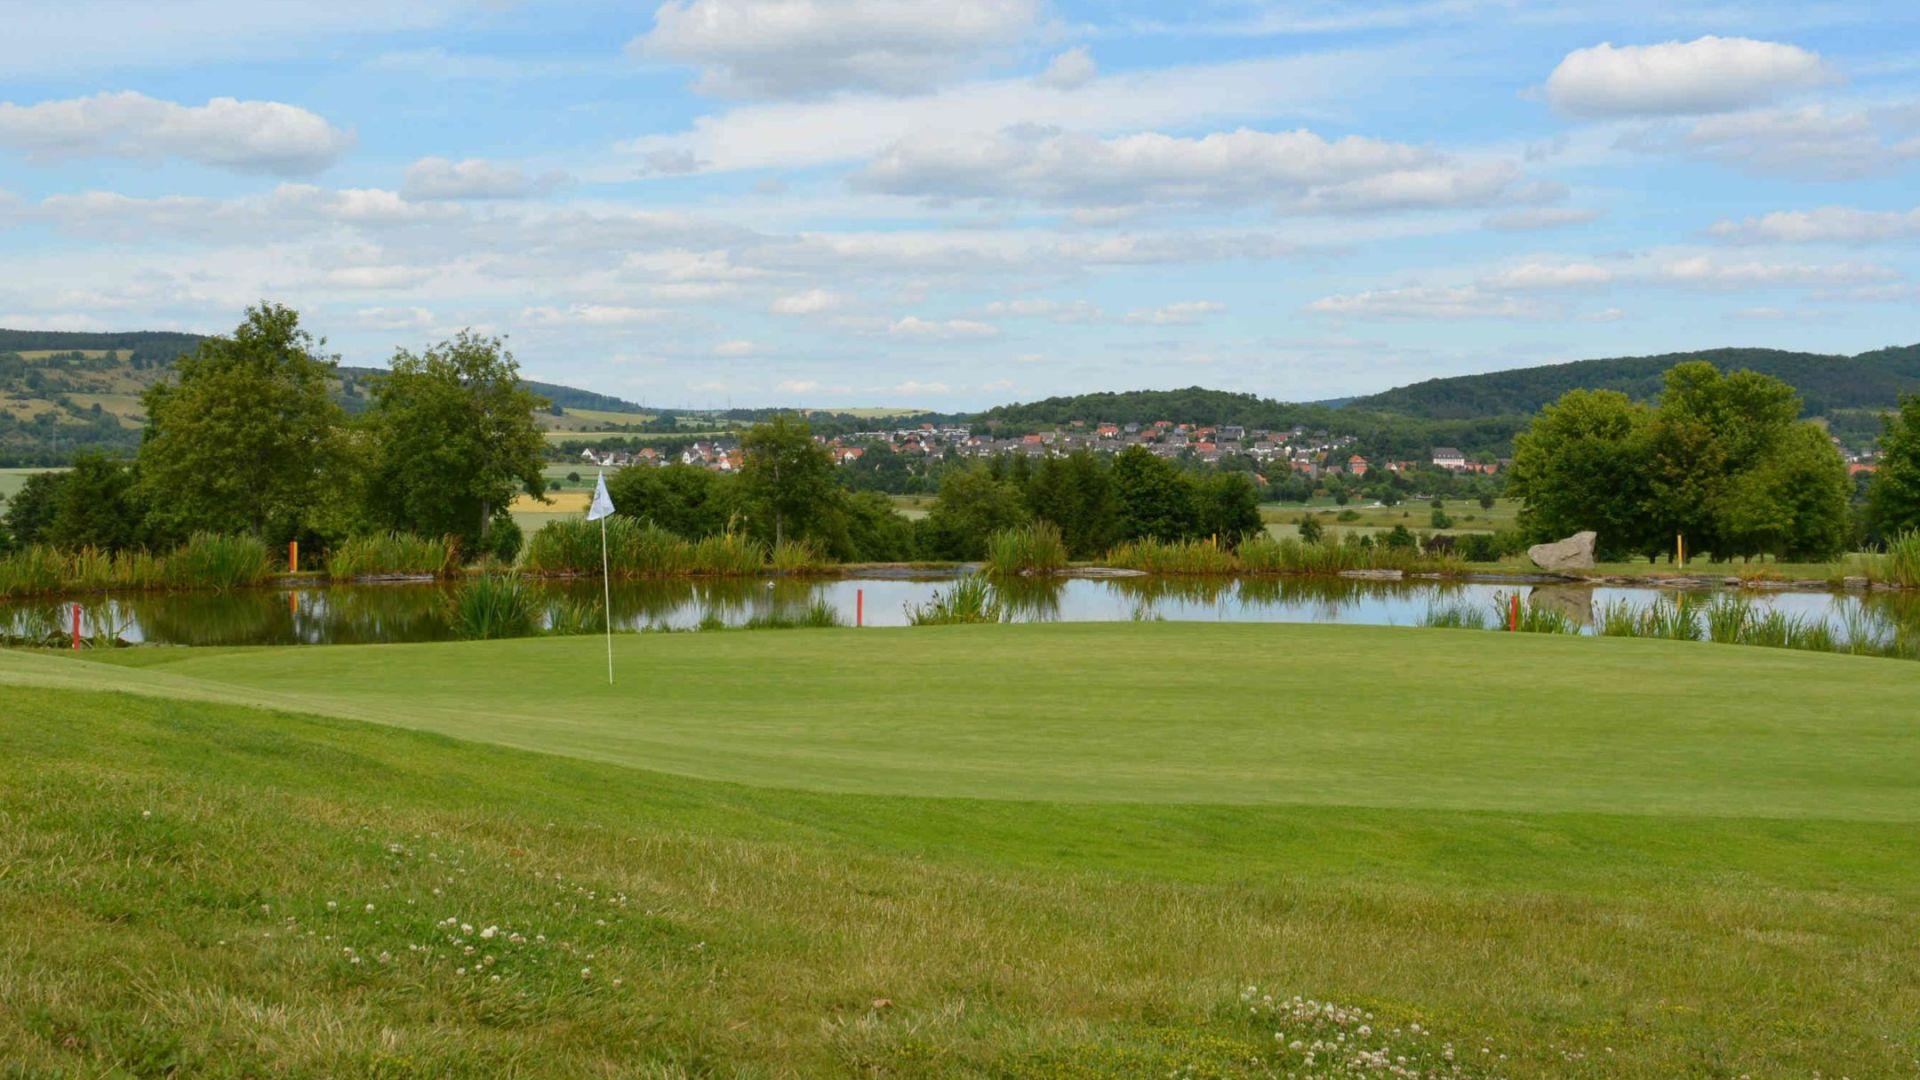 Golfplatz in Einbeck-Immensen